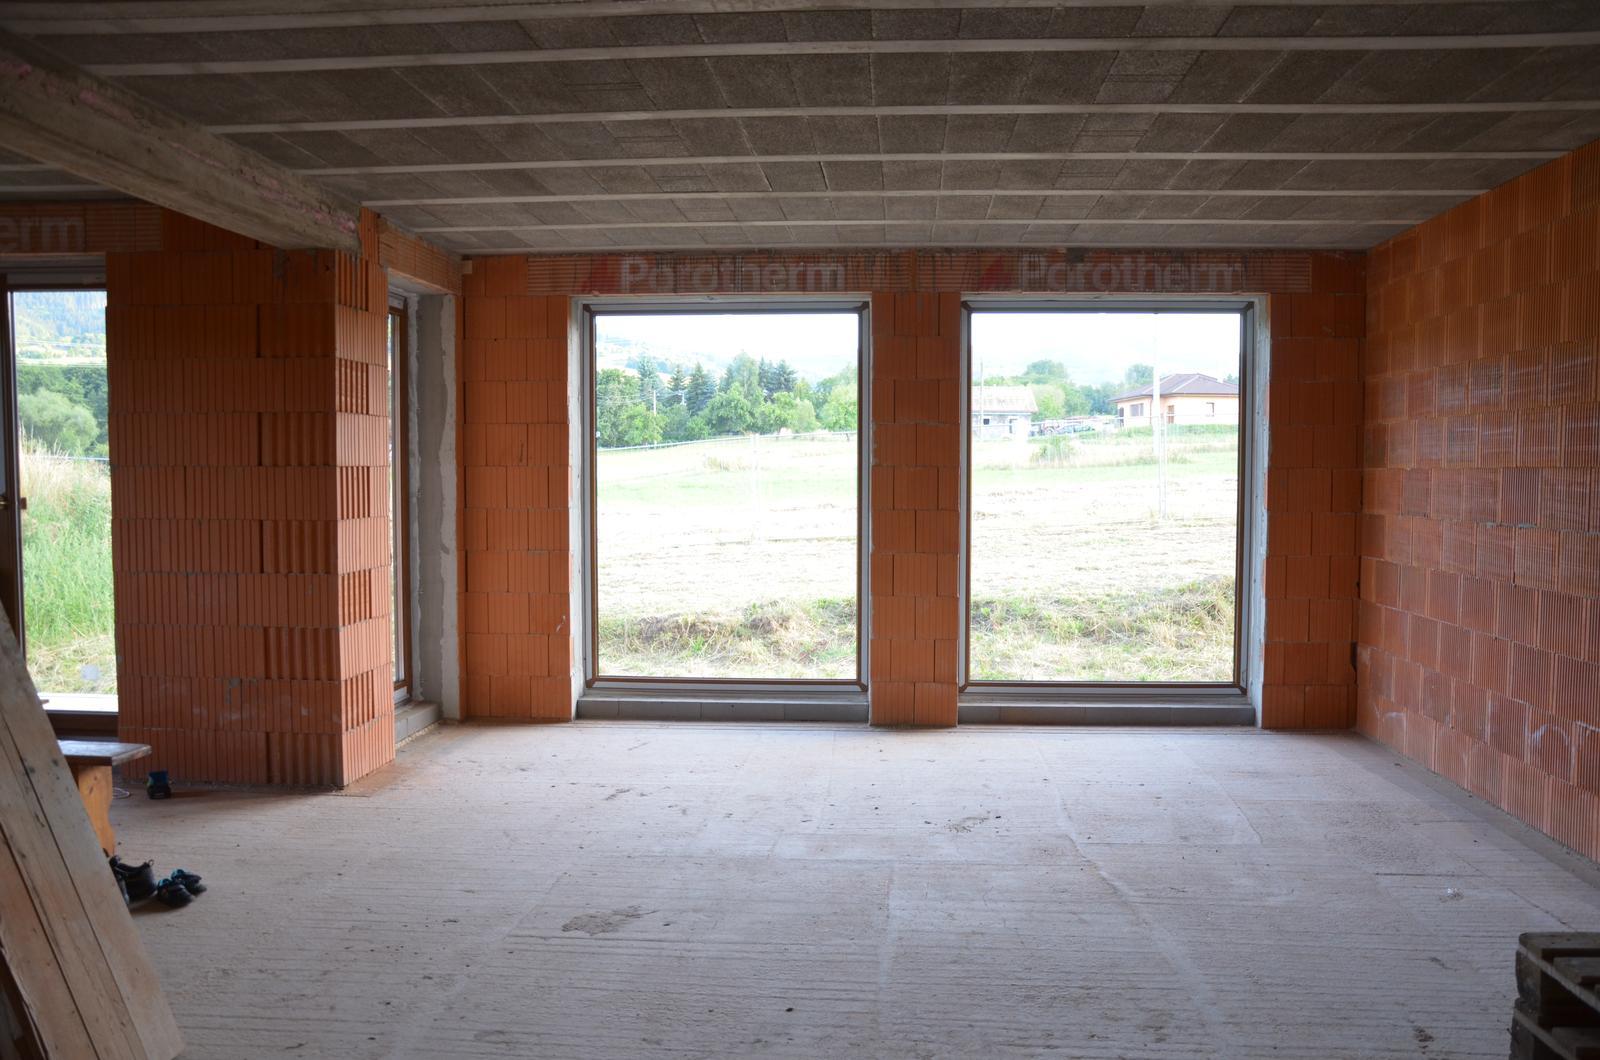 Náš budúci domov - Už máme aj okná 1.8.2015